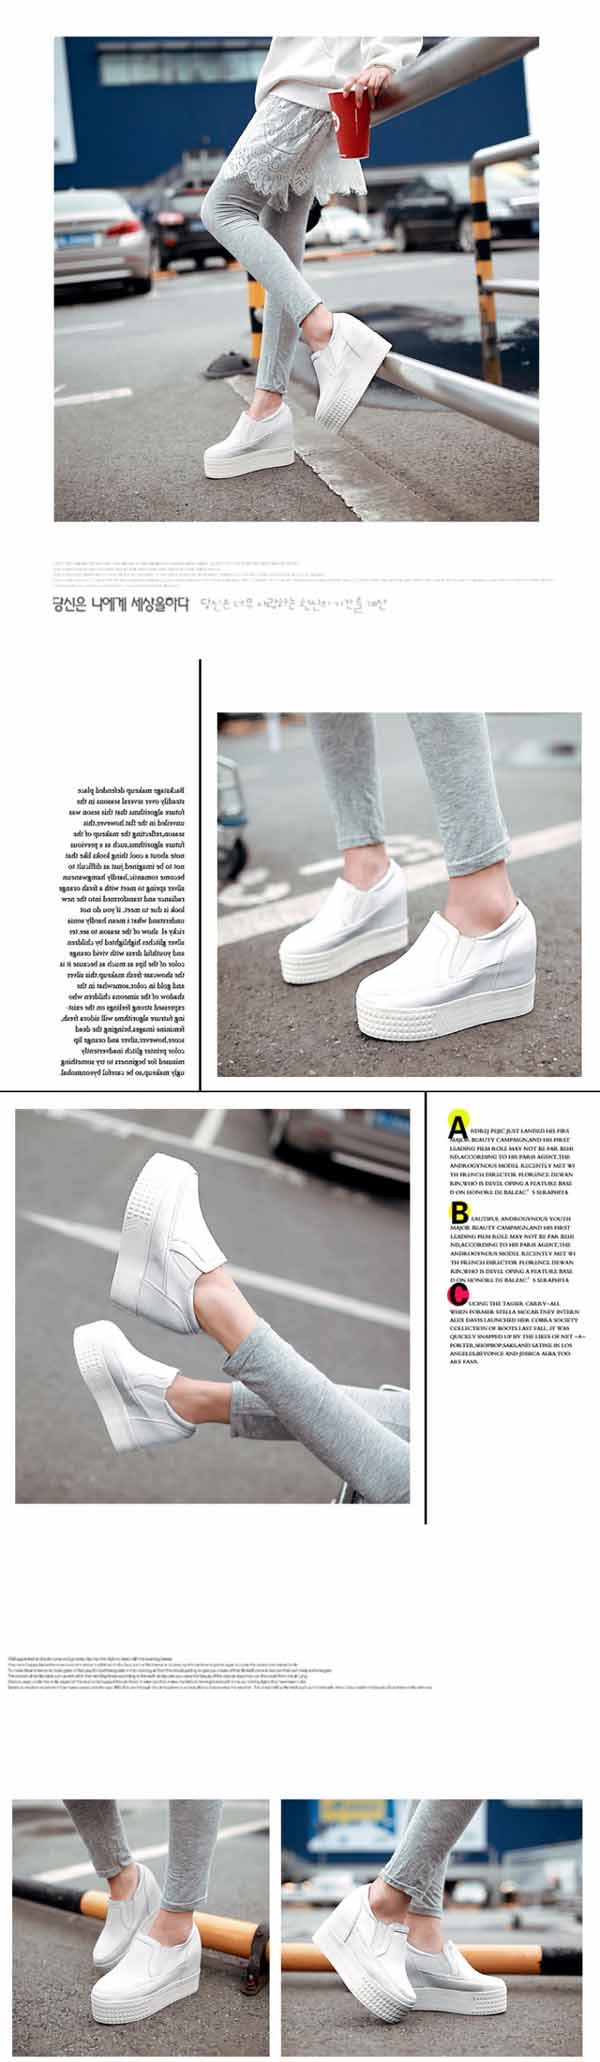 รองเท้าผ้าใบส้นตึก แฟชั่นเกาหลีวินเทจสุดชิค นำเข้า ไซส์34ถึง39 พรีออเดอร์RB2217 ราคา1590บาท